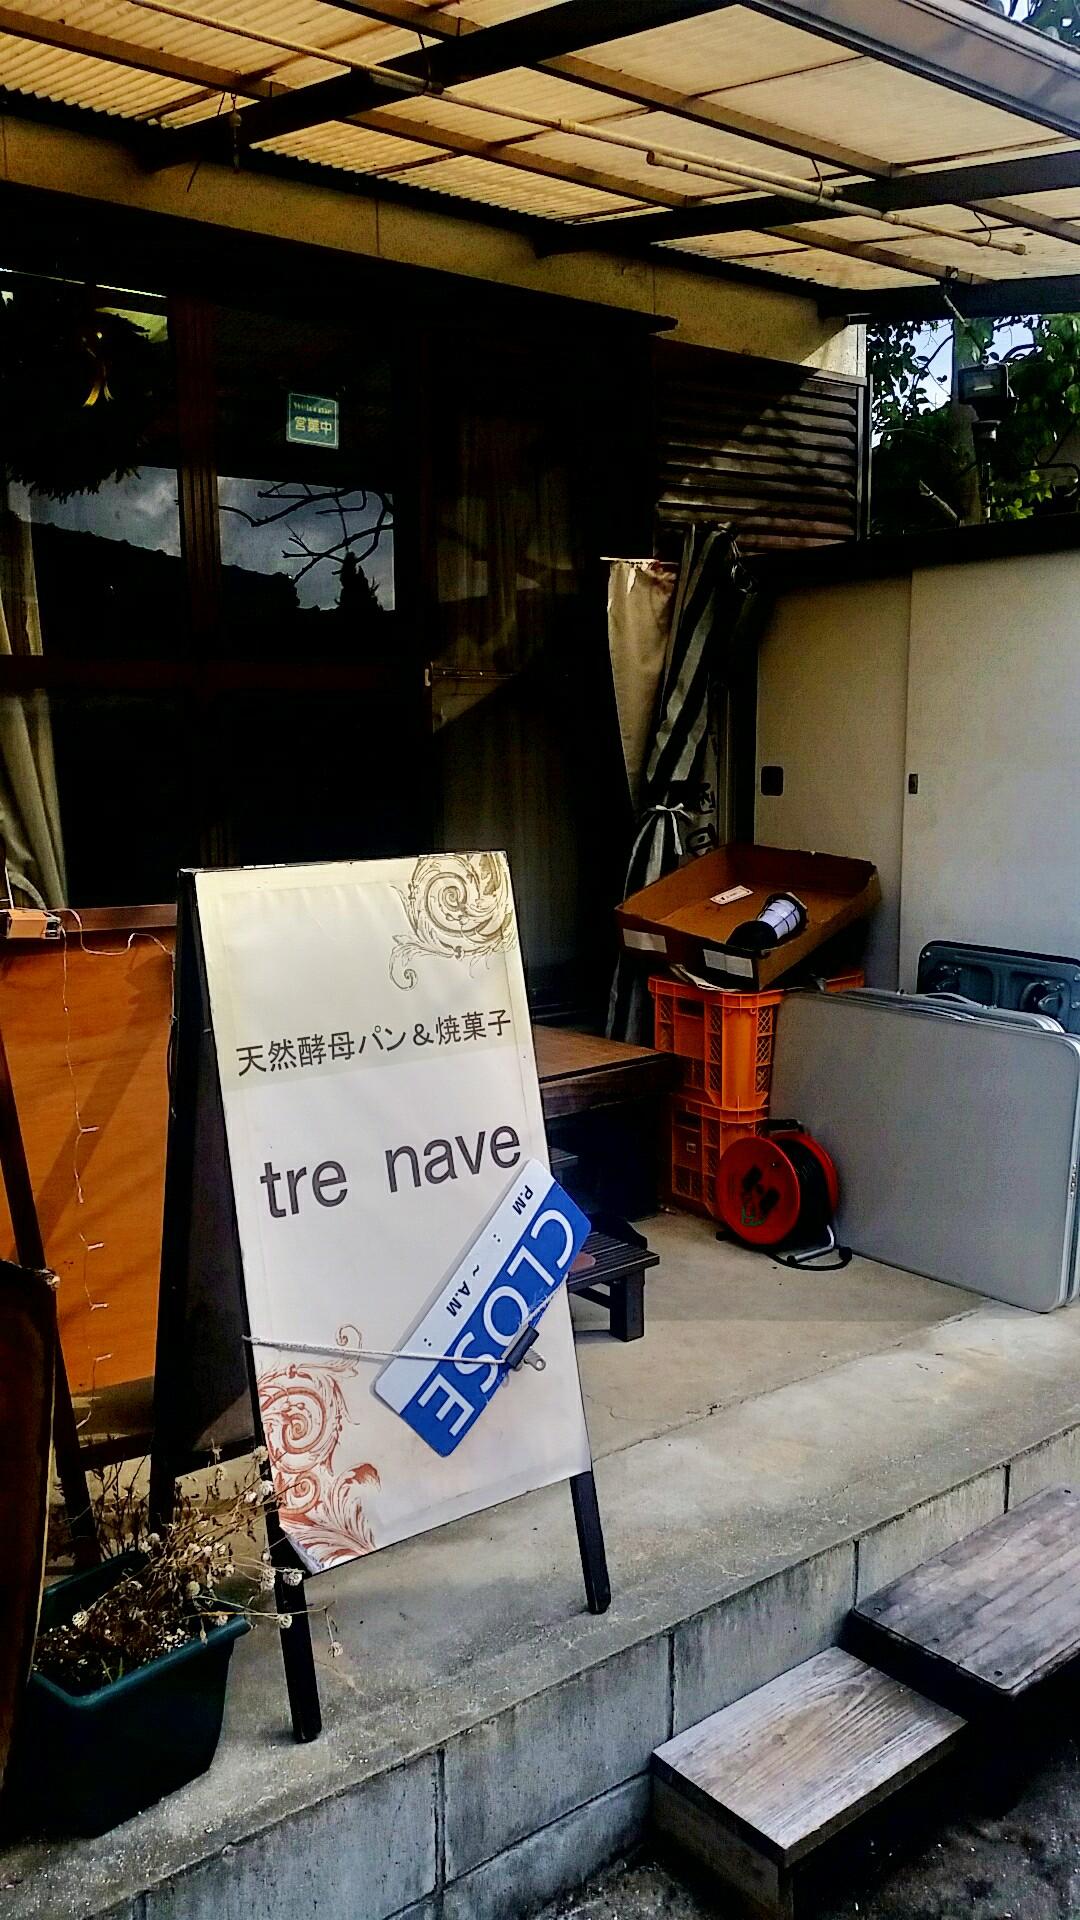 トレネーブル